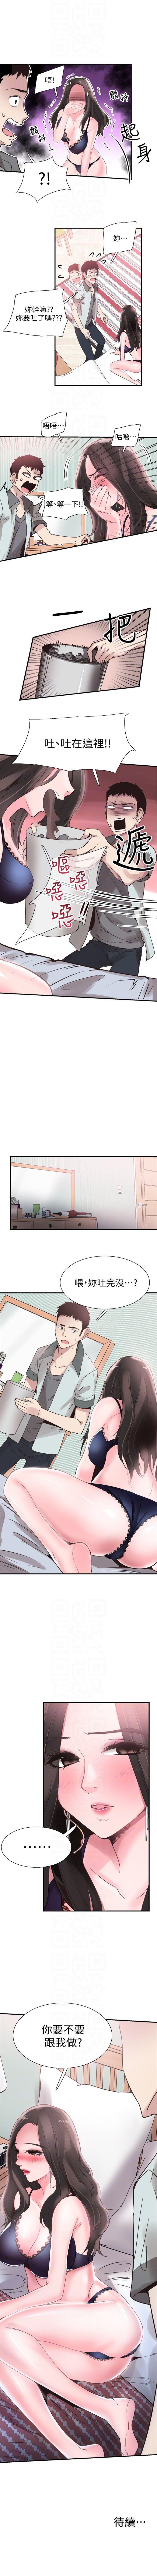 (週7)校園live秀 1-50 中文翻譯(更新中) 152